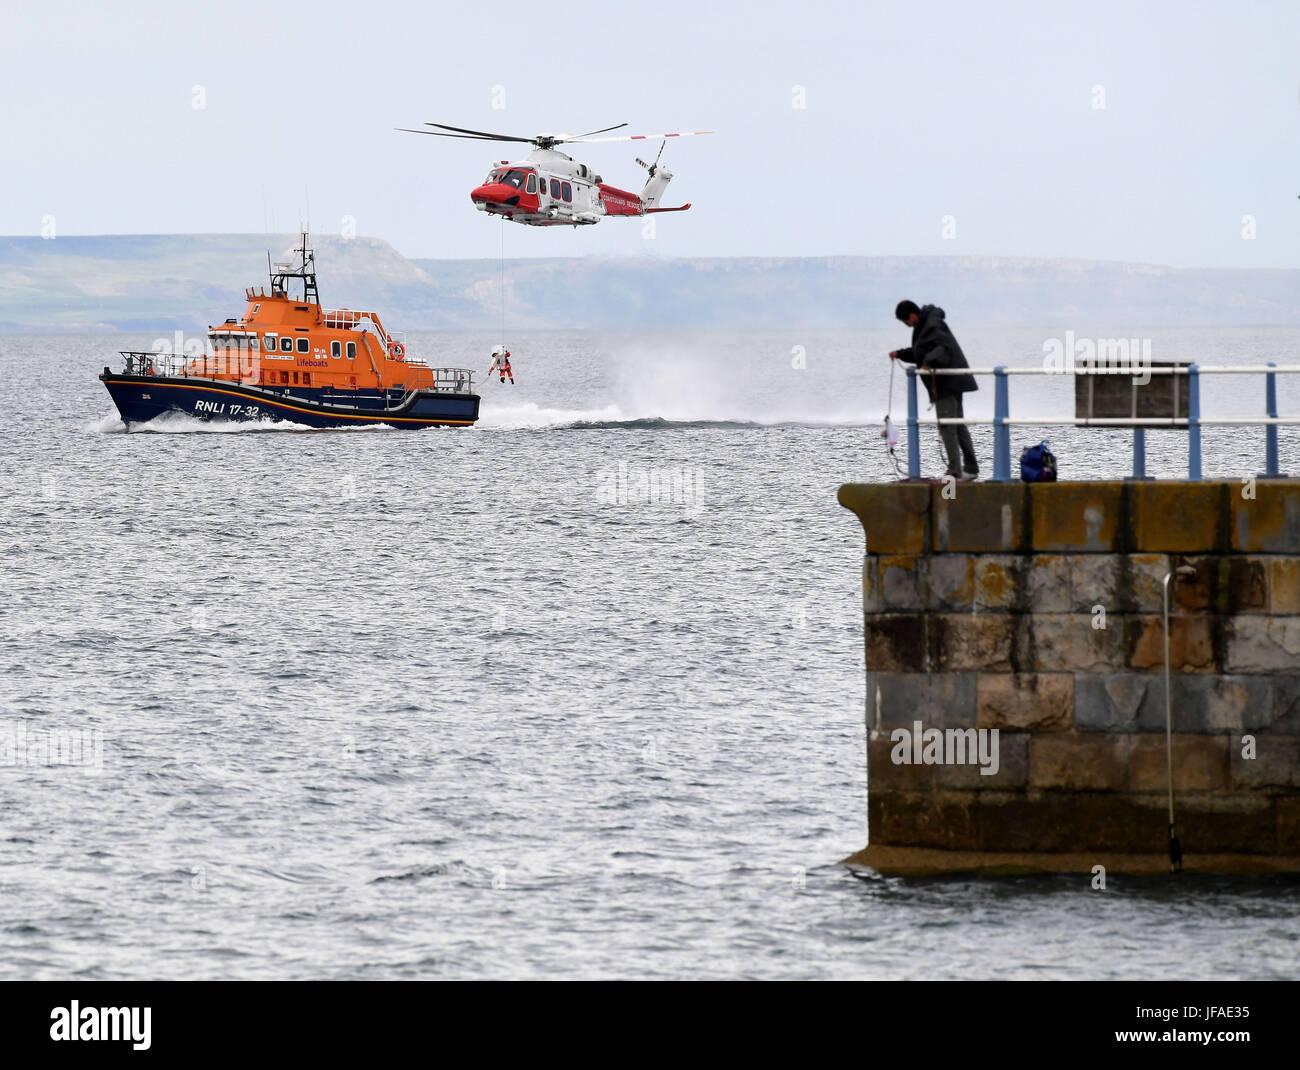 Dorset, UK. 30 Juin, 2017. Après plus de 20 années de service, la base d'hélicoptères de Photo Stock